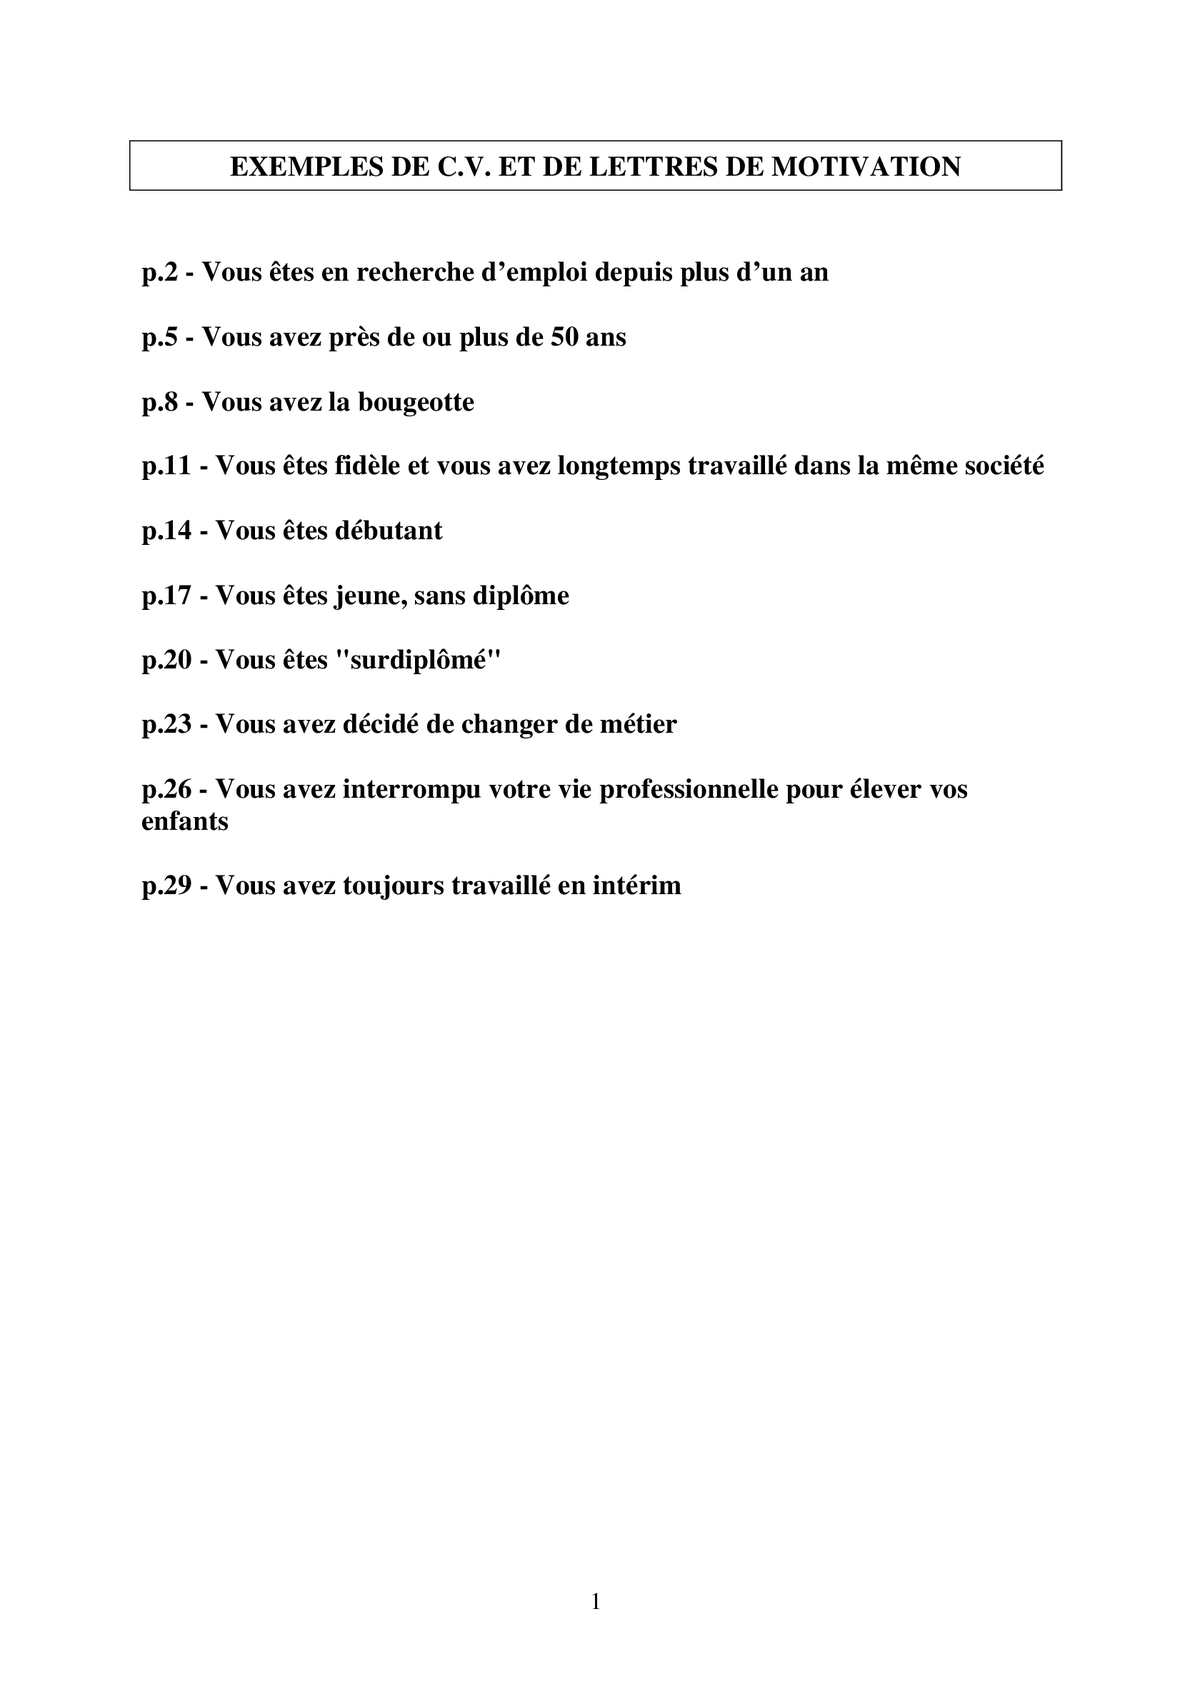 Calaméo Exemples De Cv Et De Lettres De Motivation